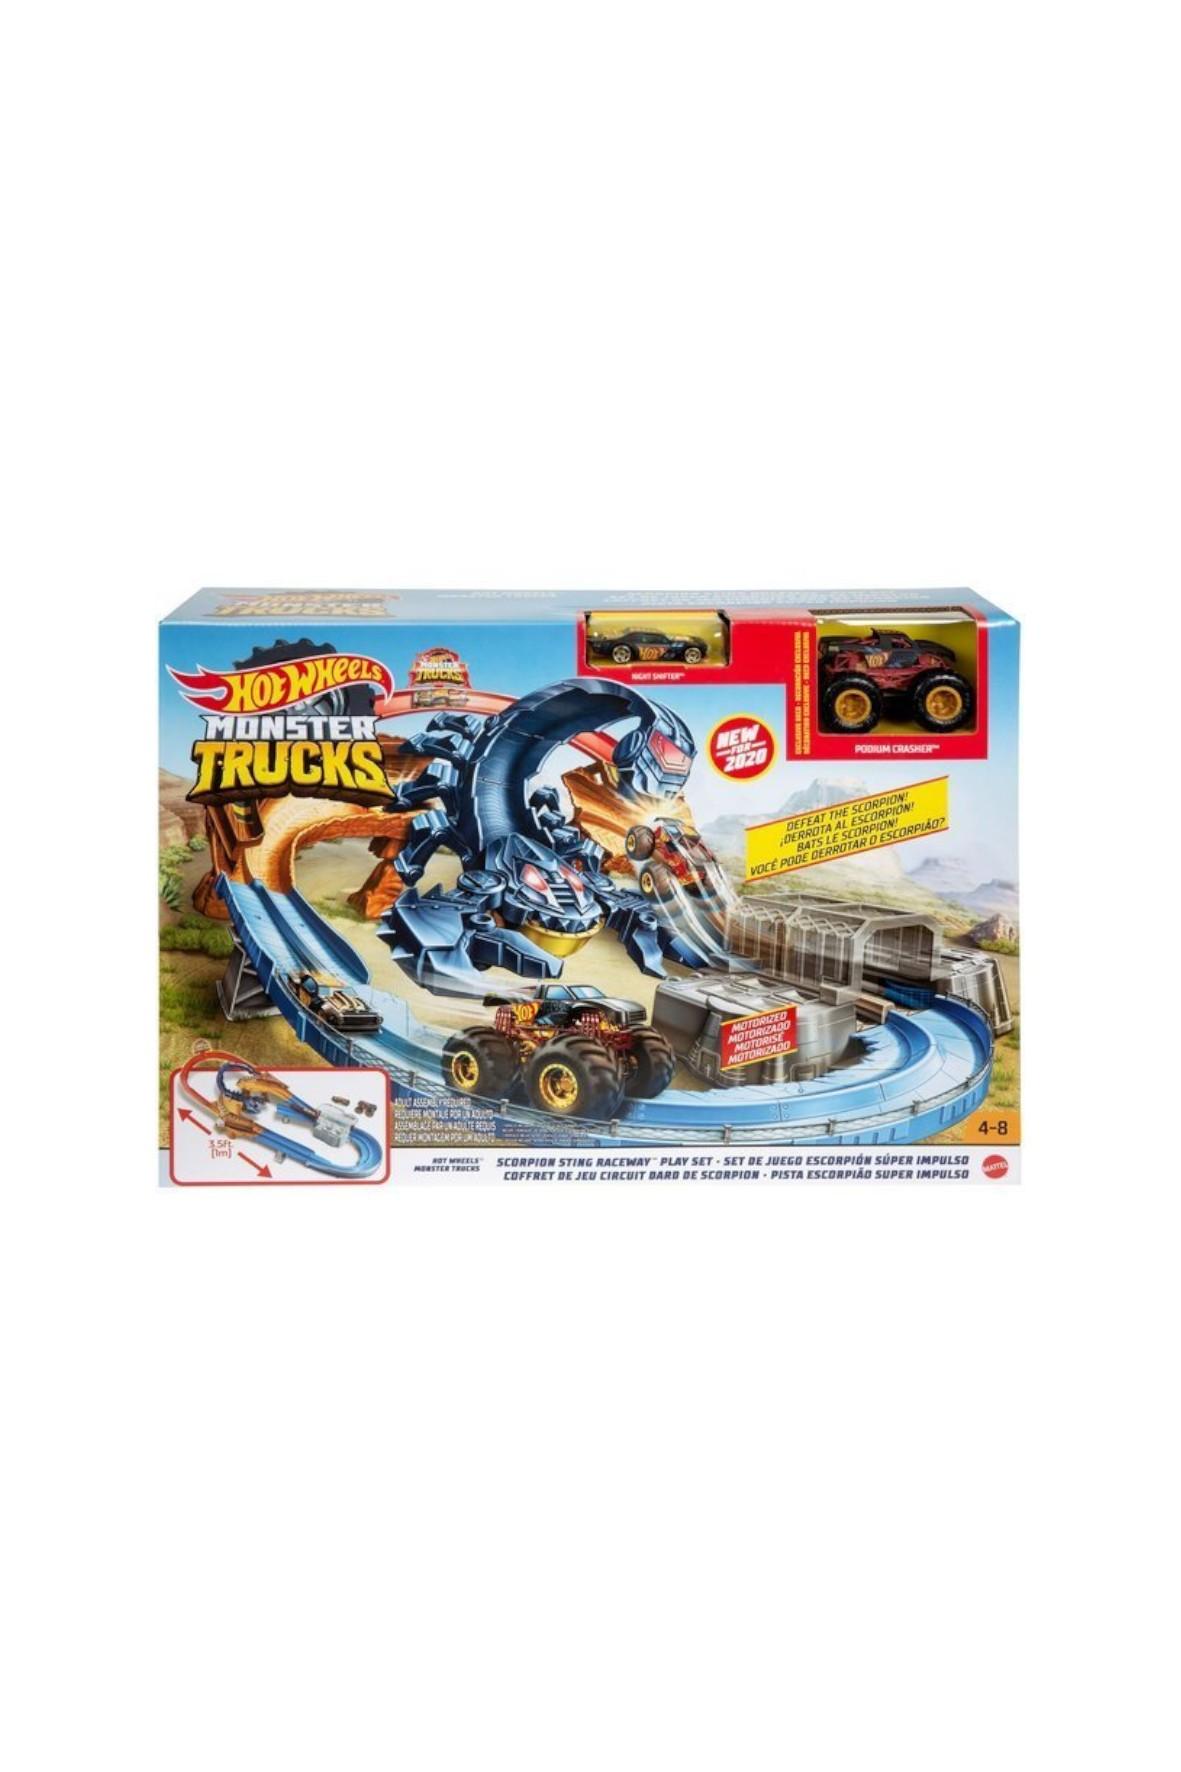 Hot Wheels Monster Trucks - Tor Skorpion wiek 4+